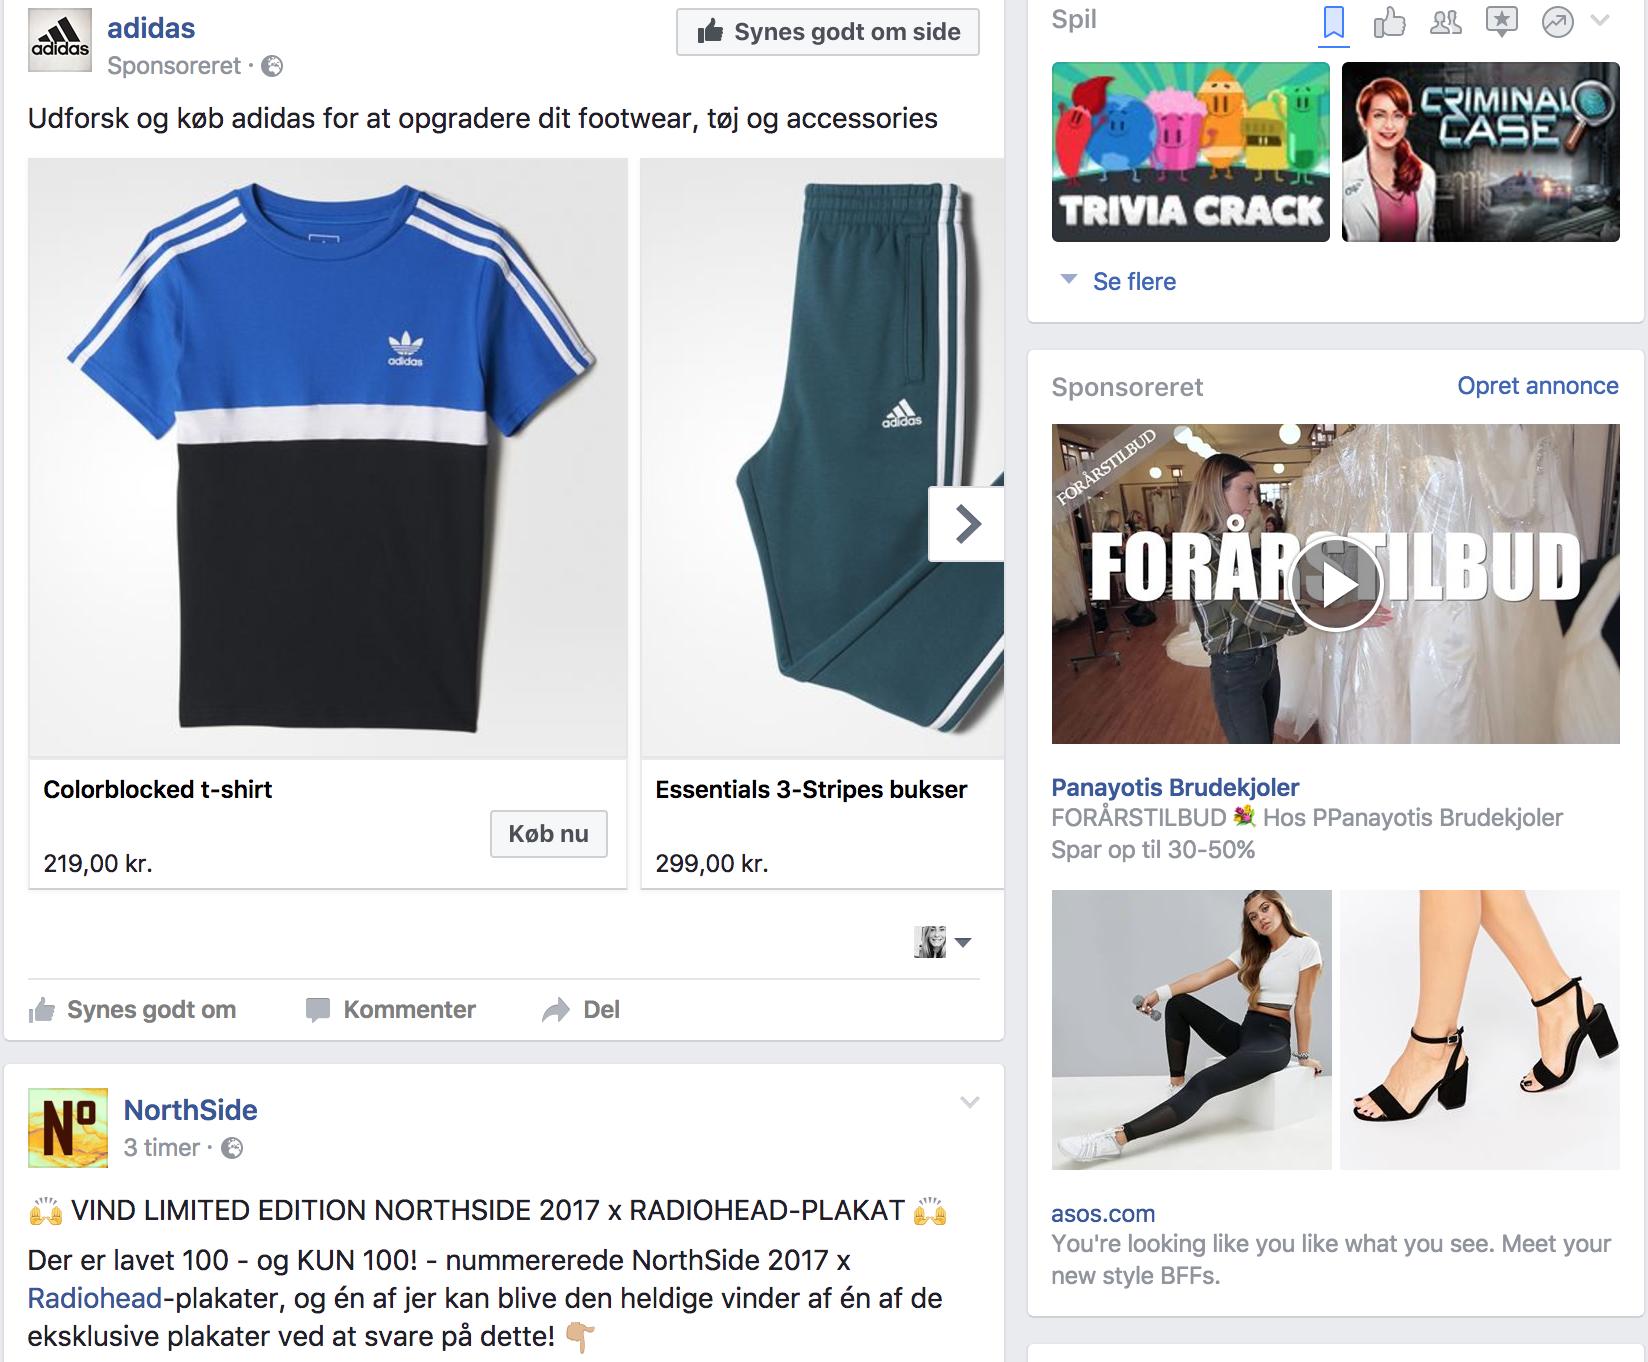 Tilfældigt skærmbillede på Facebook fyldt med reklamer